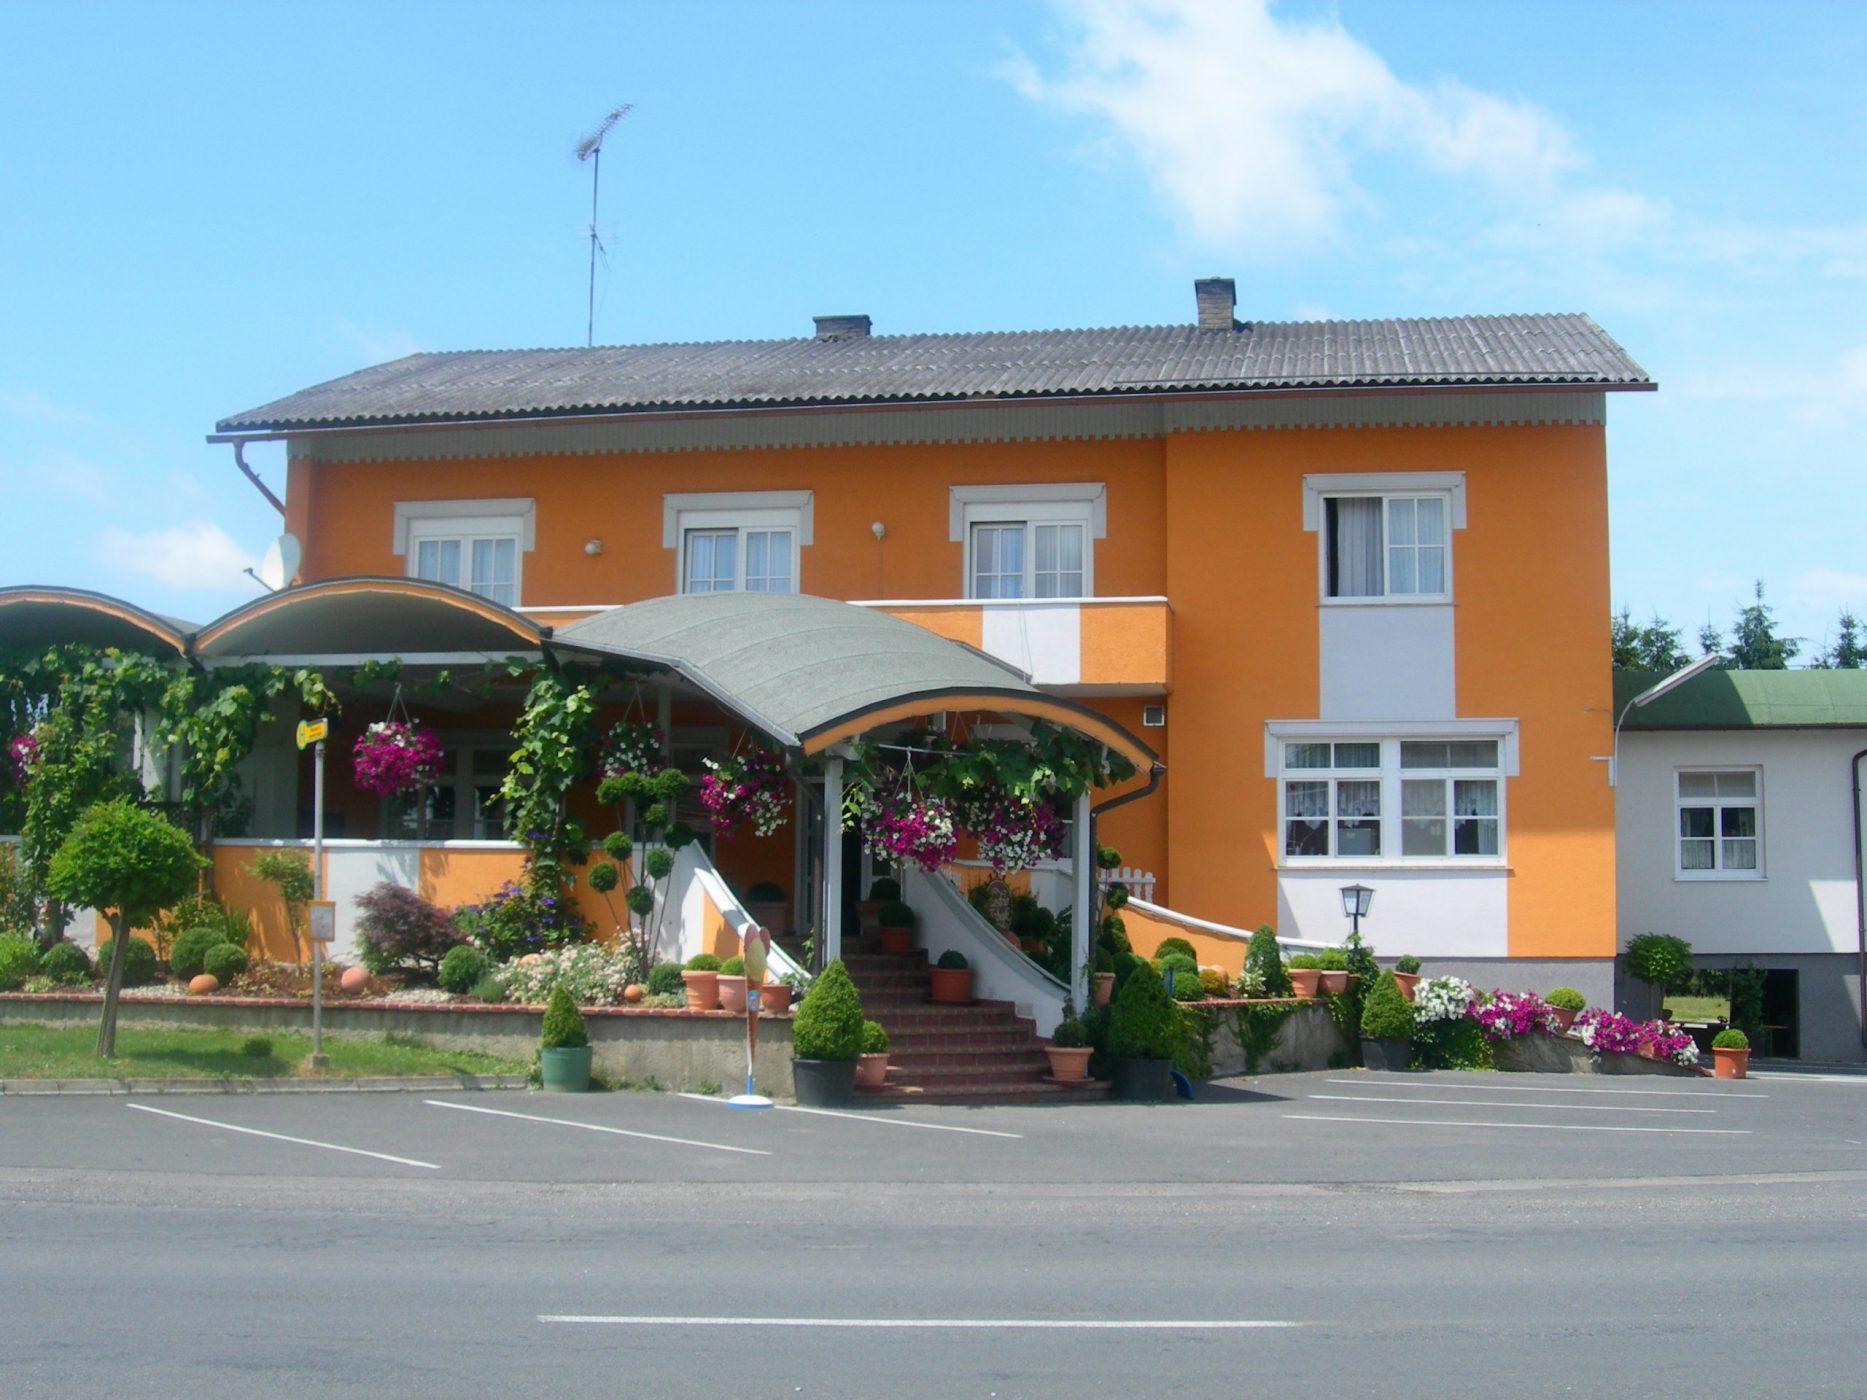 1A-Gasthaus Fotos 058